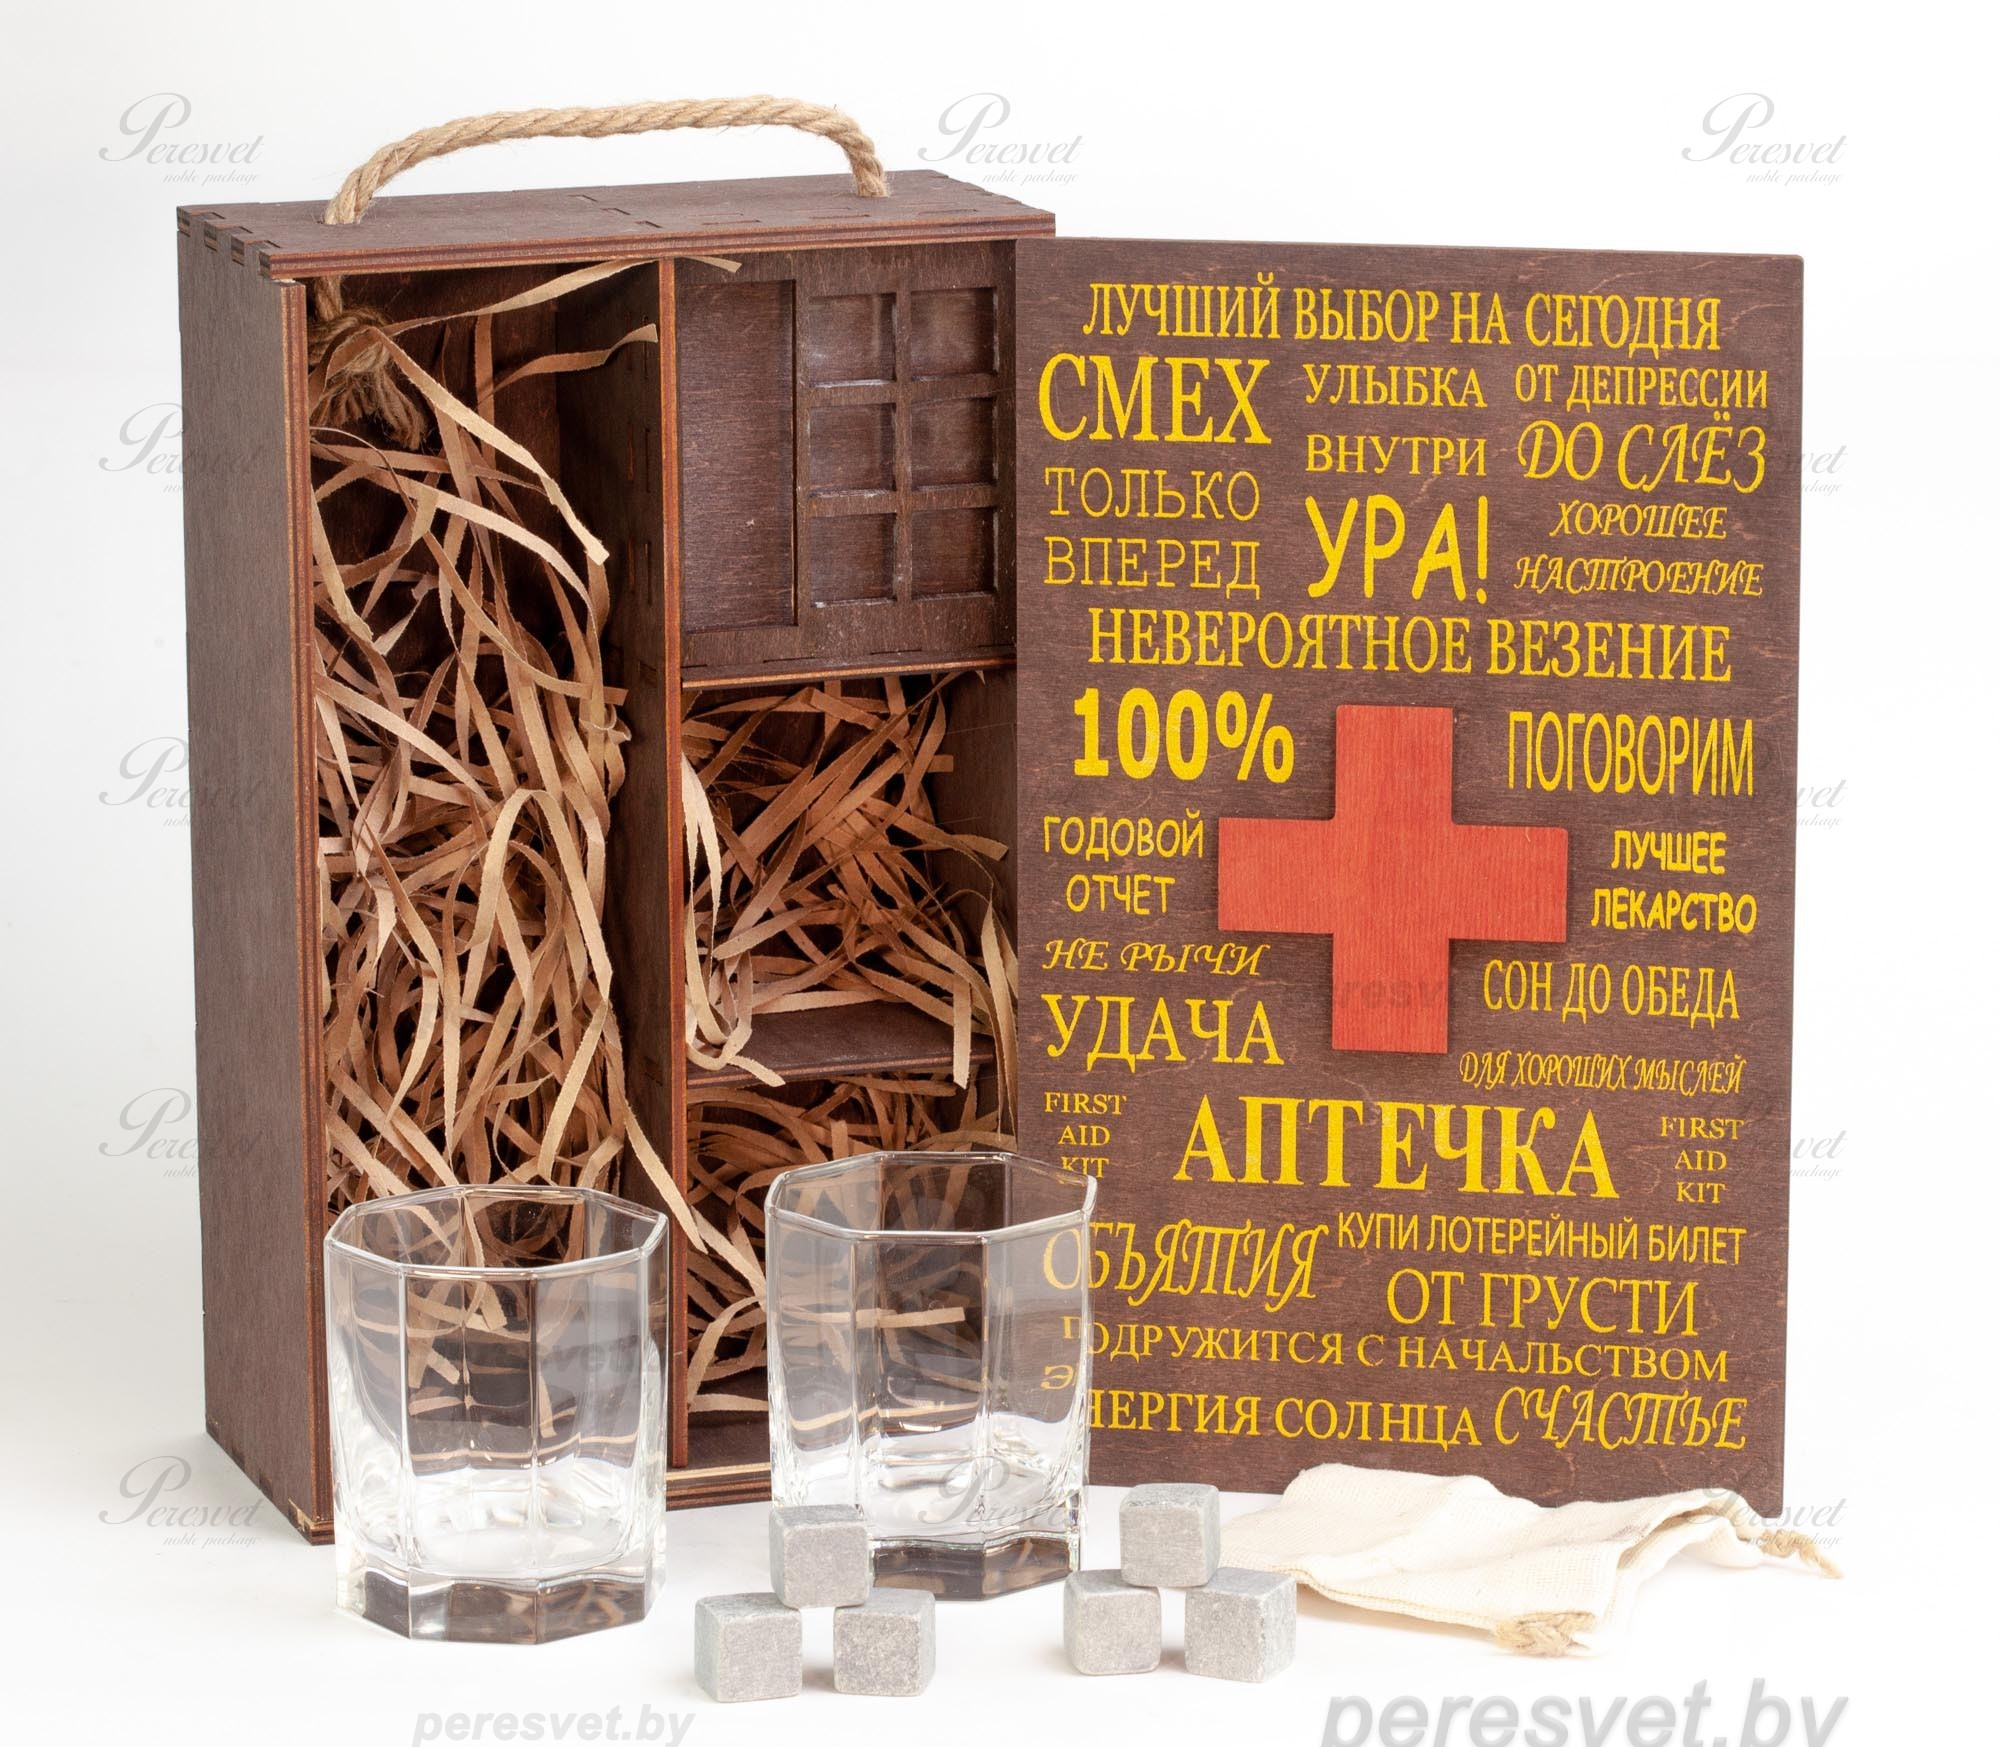 Подарочный набор Аптечка Gold на peresvet.by